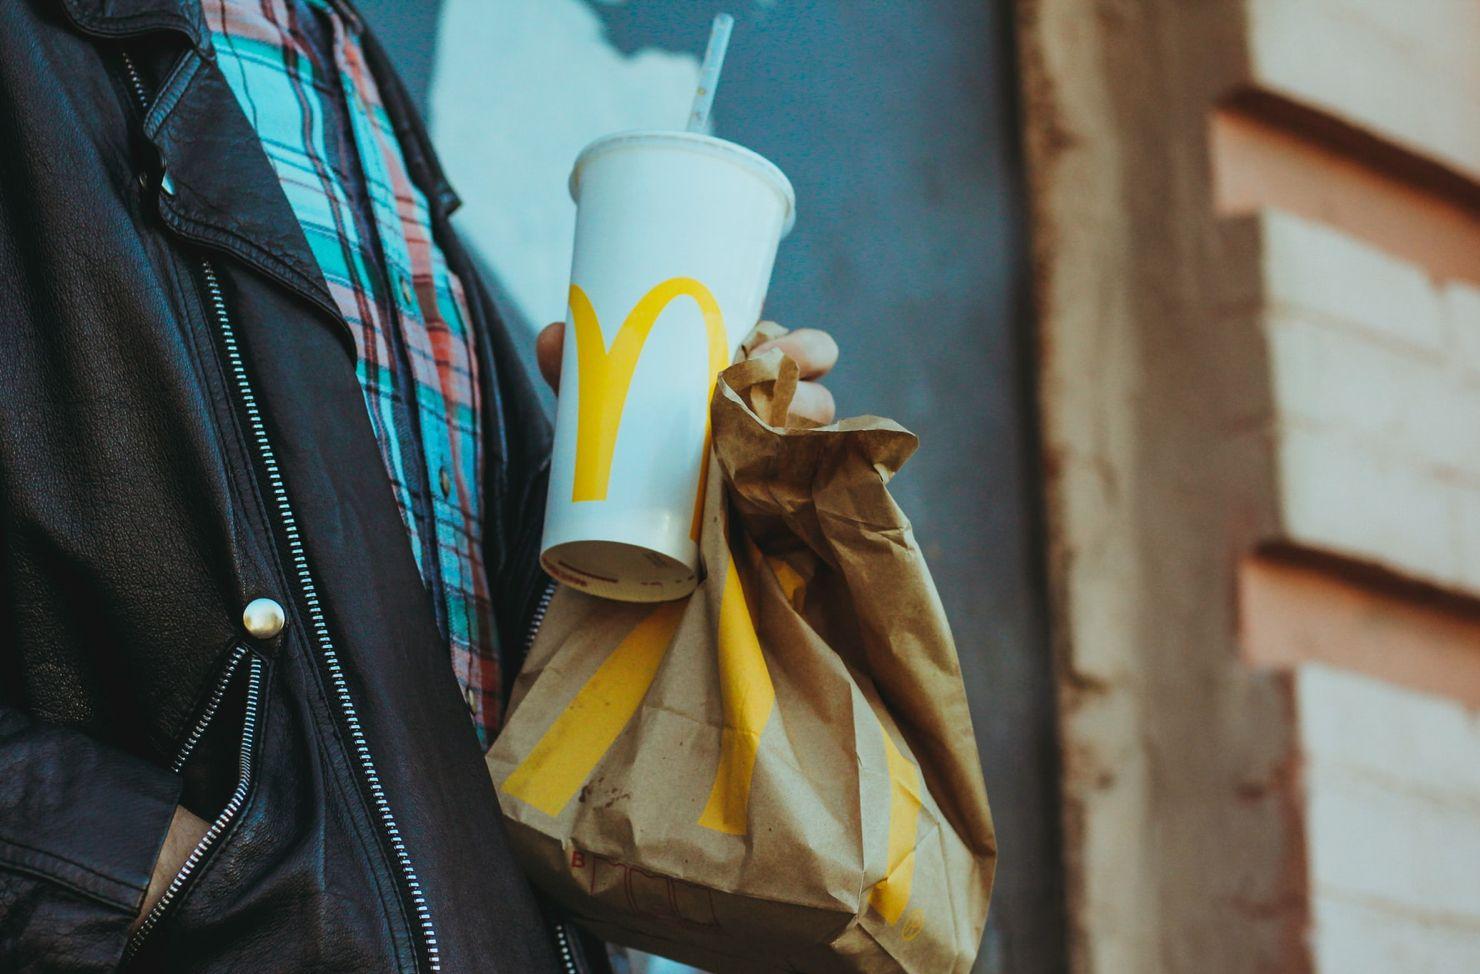 fast food rubbish